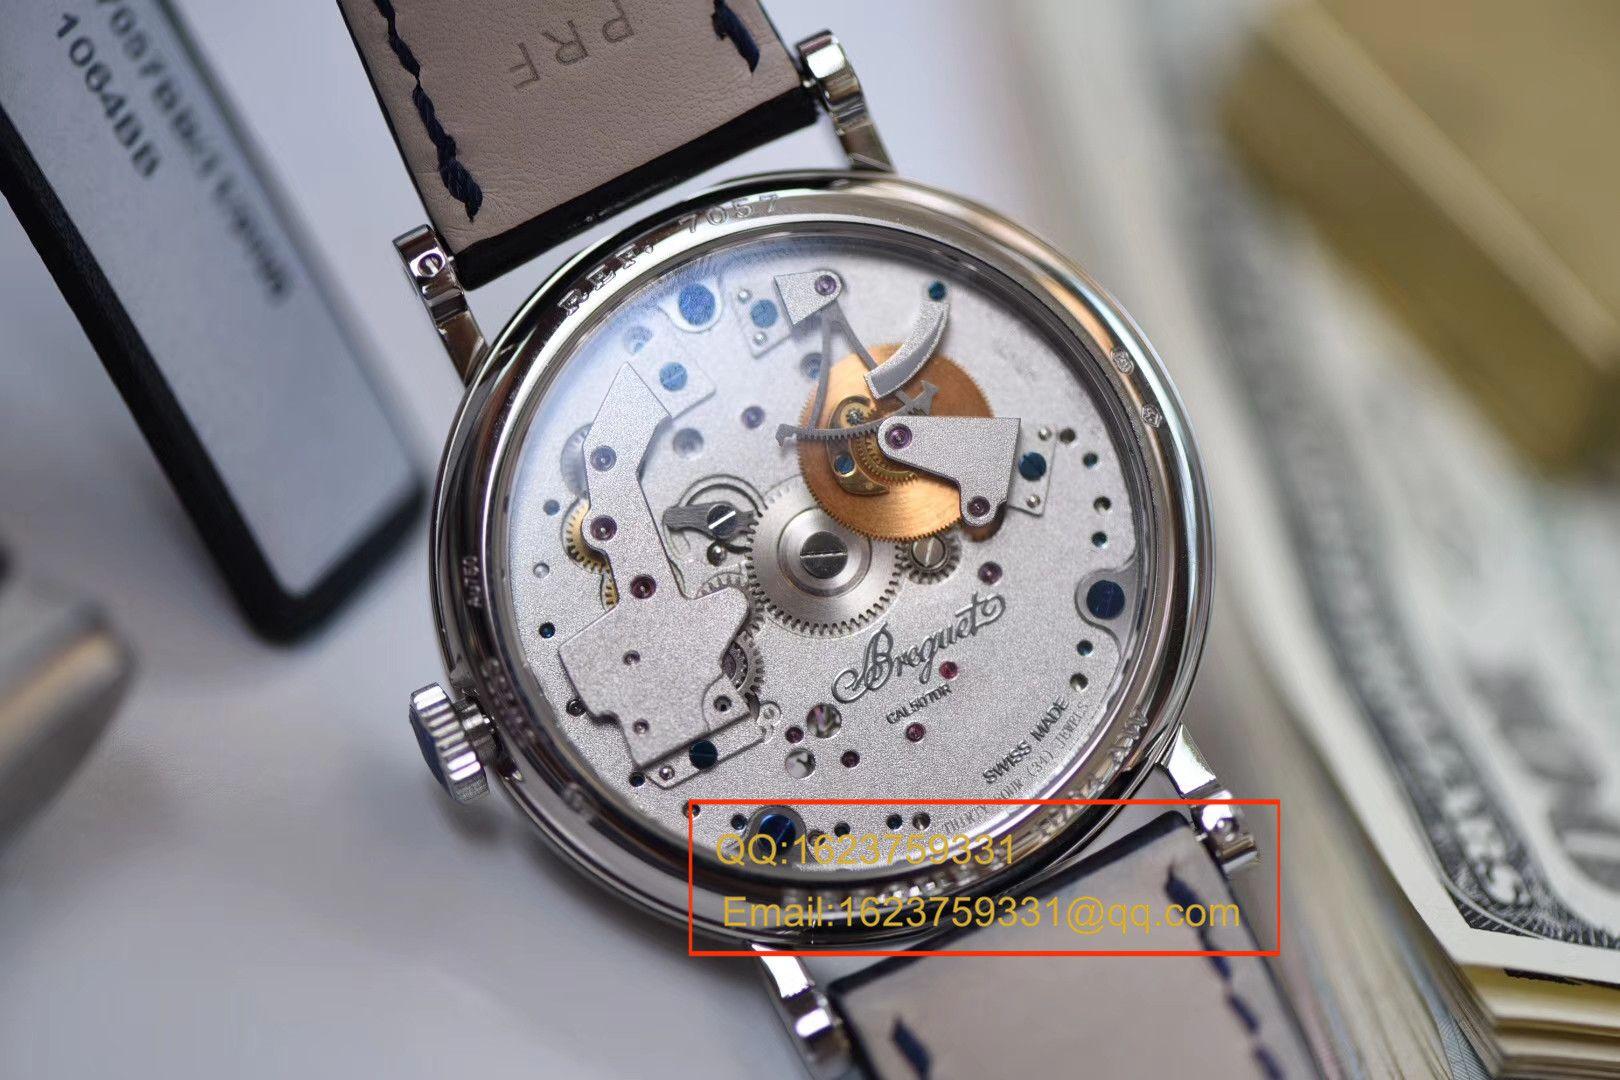 【独家视频评测SF一比一超A高仿手表】宝玑传世系列7057BB/11/9W6腕表 / BZBG007